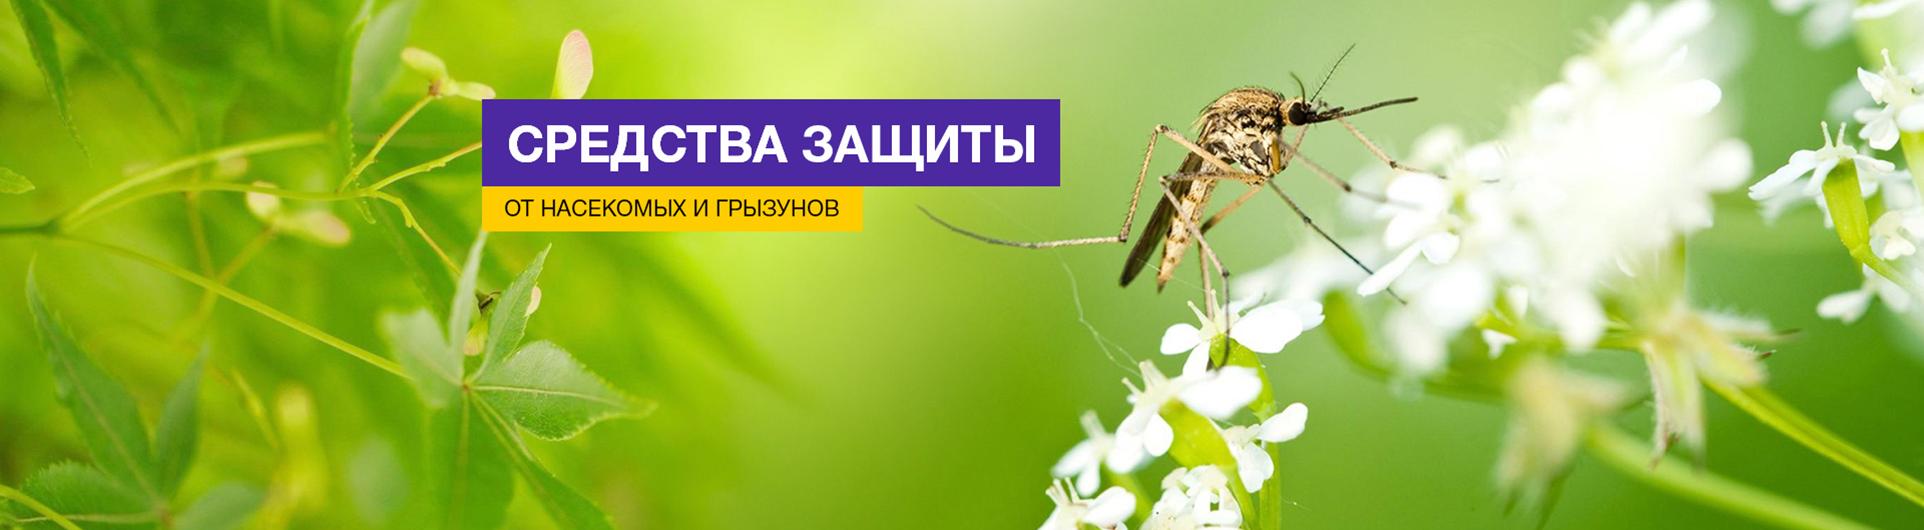 Средства защиты от насекомых «Чистый Дом»